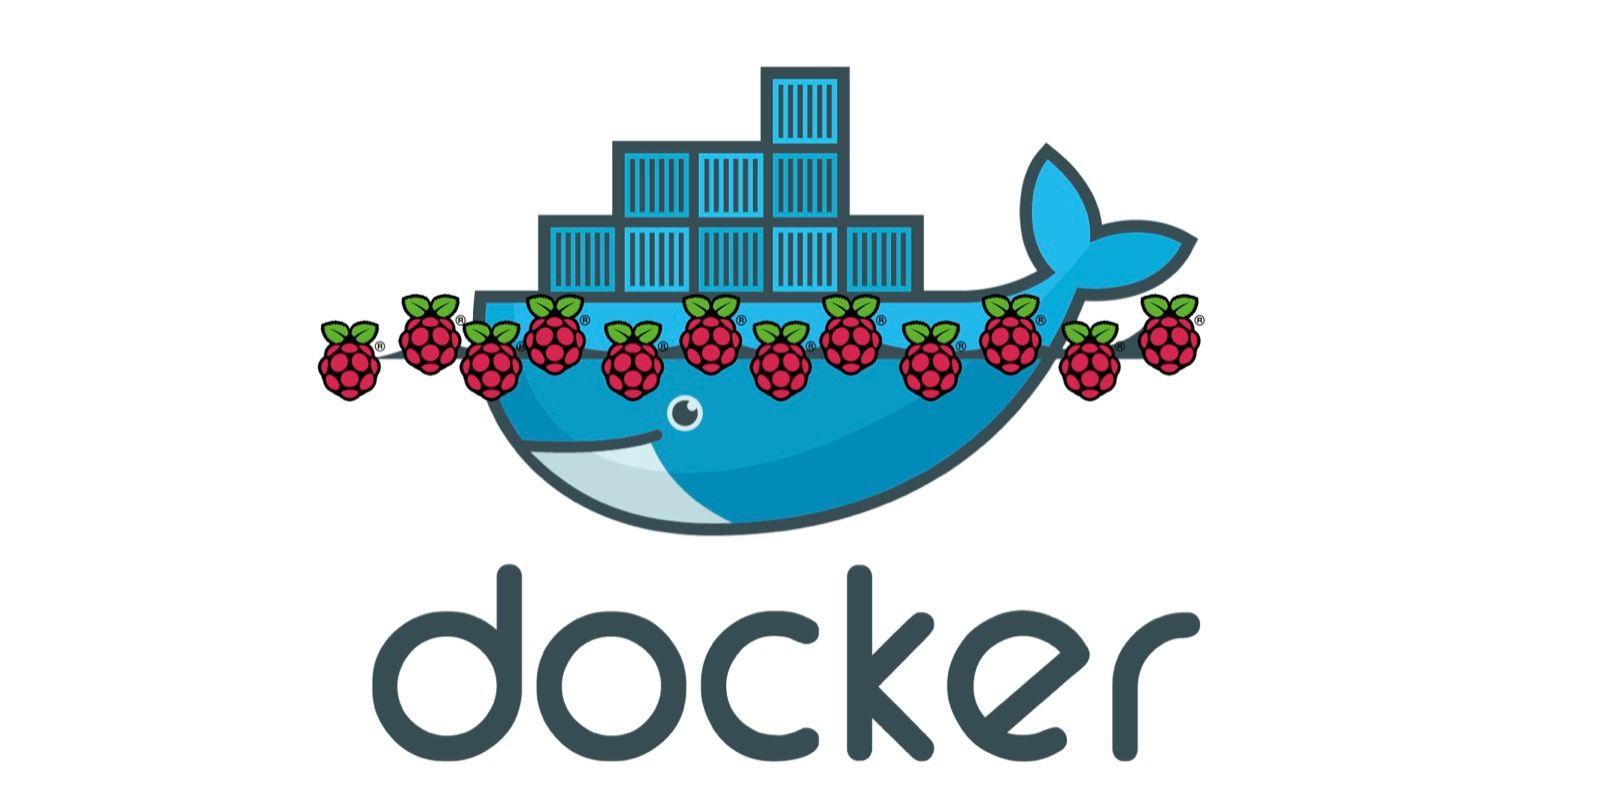 基于Nginx, Node js 和Redis的Docker容器化工作流